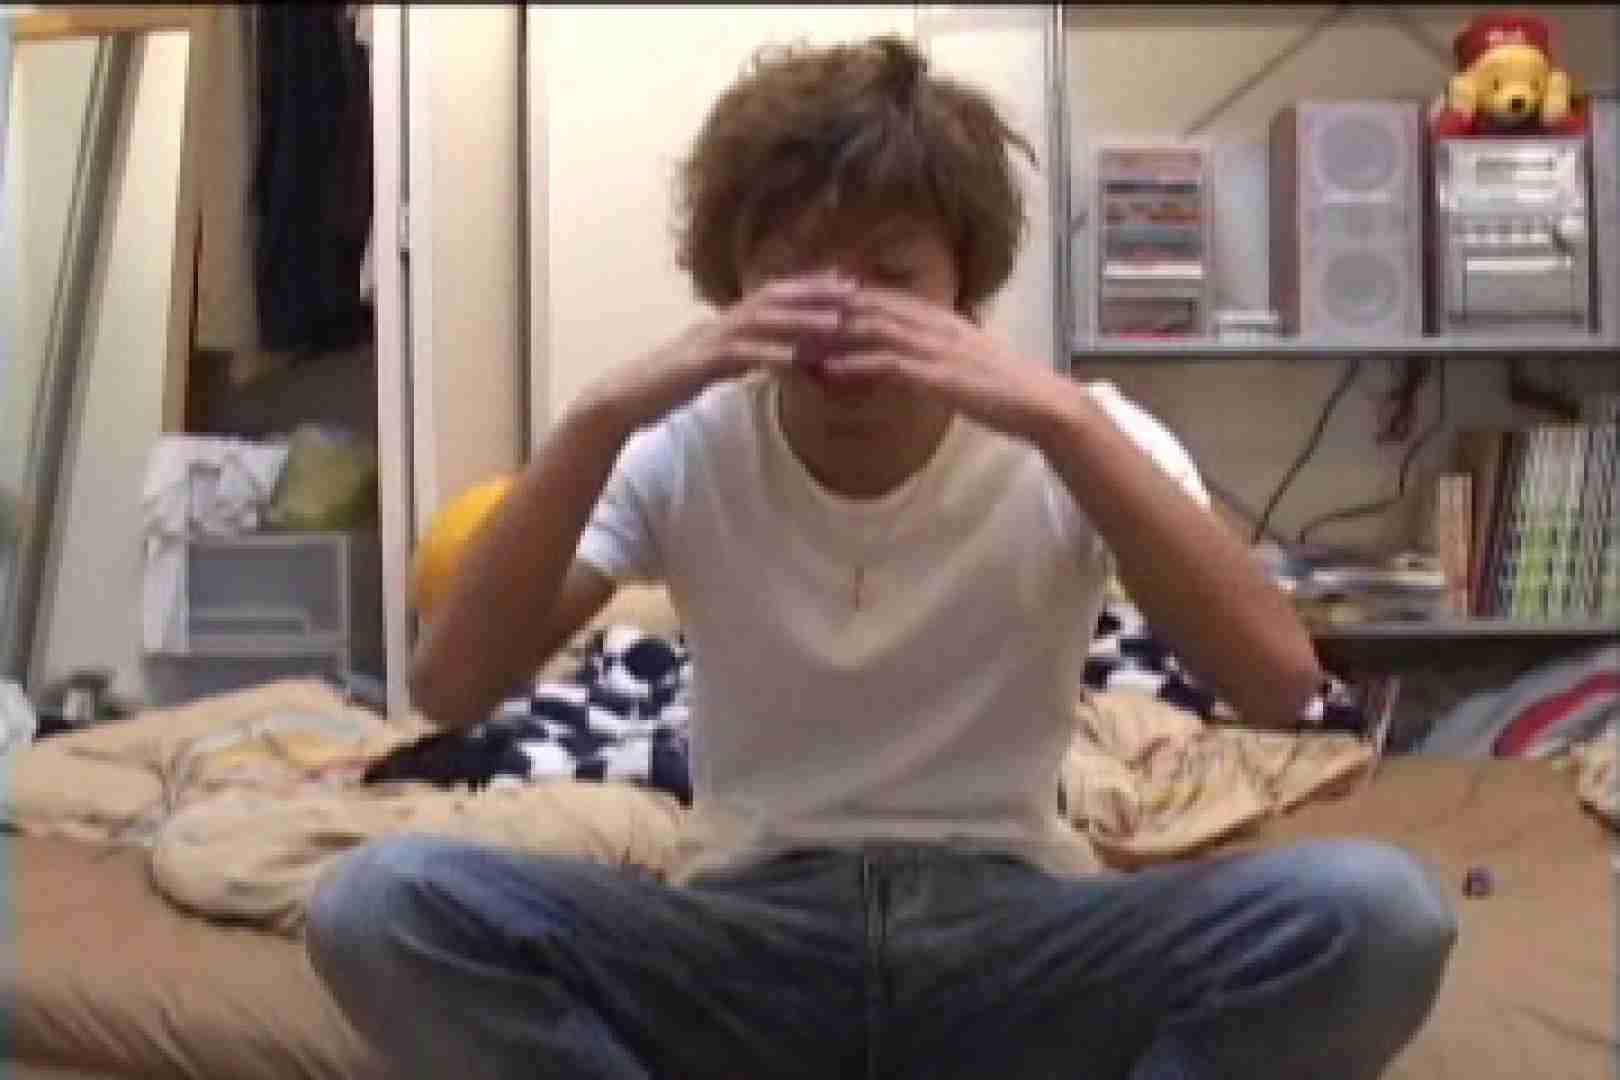 ノンケ君?まさかの初体験!!浪人生のPV file.First day 男の裸 ゲイ無料エロ画像 67pic 19